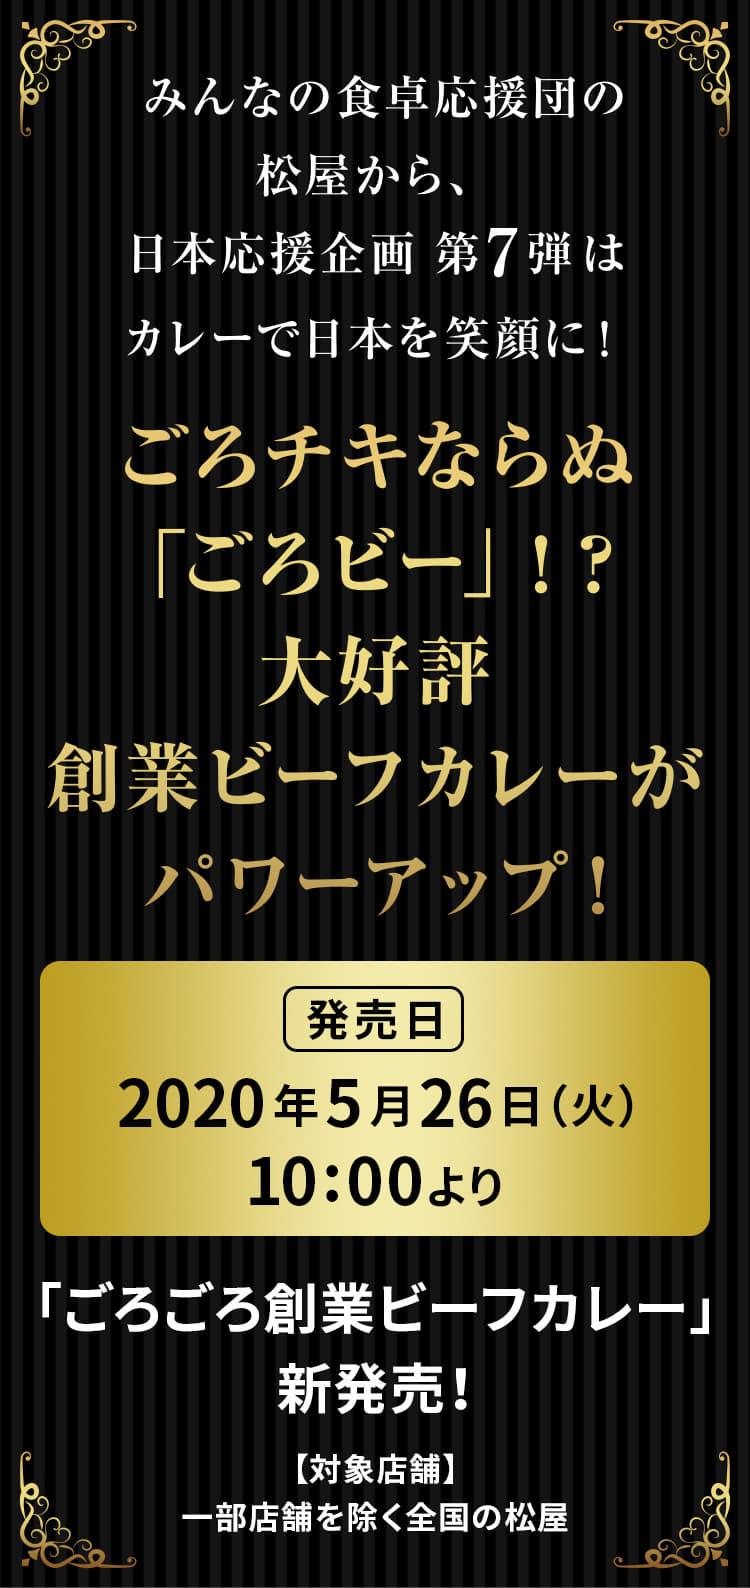 みんなの食卓応援団の松屋から、日本応援企画第7弾はカレーで日本を笑顔に! ごろチキならぬ「ごろビー」!? 大好評創業ビーフカレーがパワーアップ!